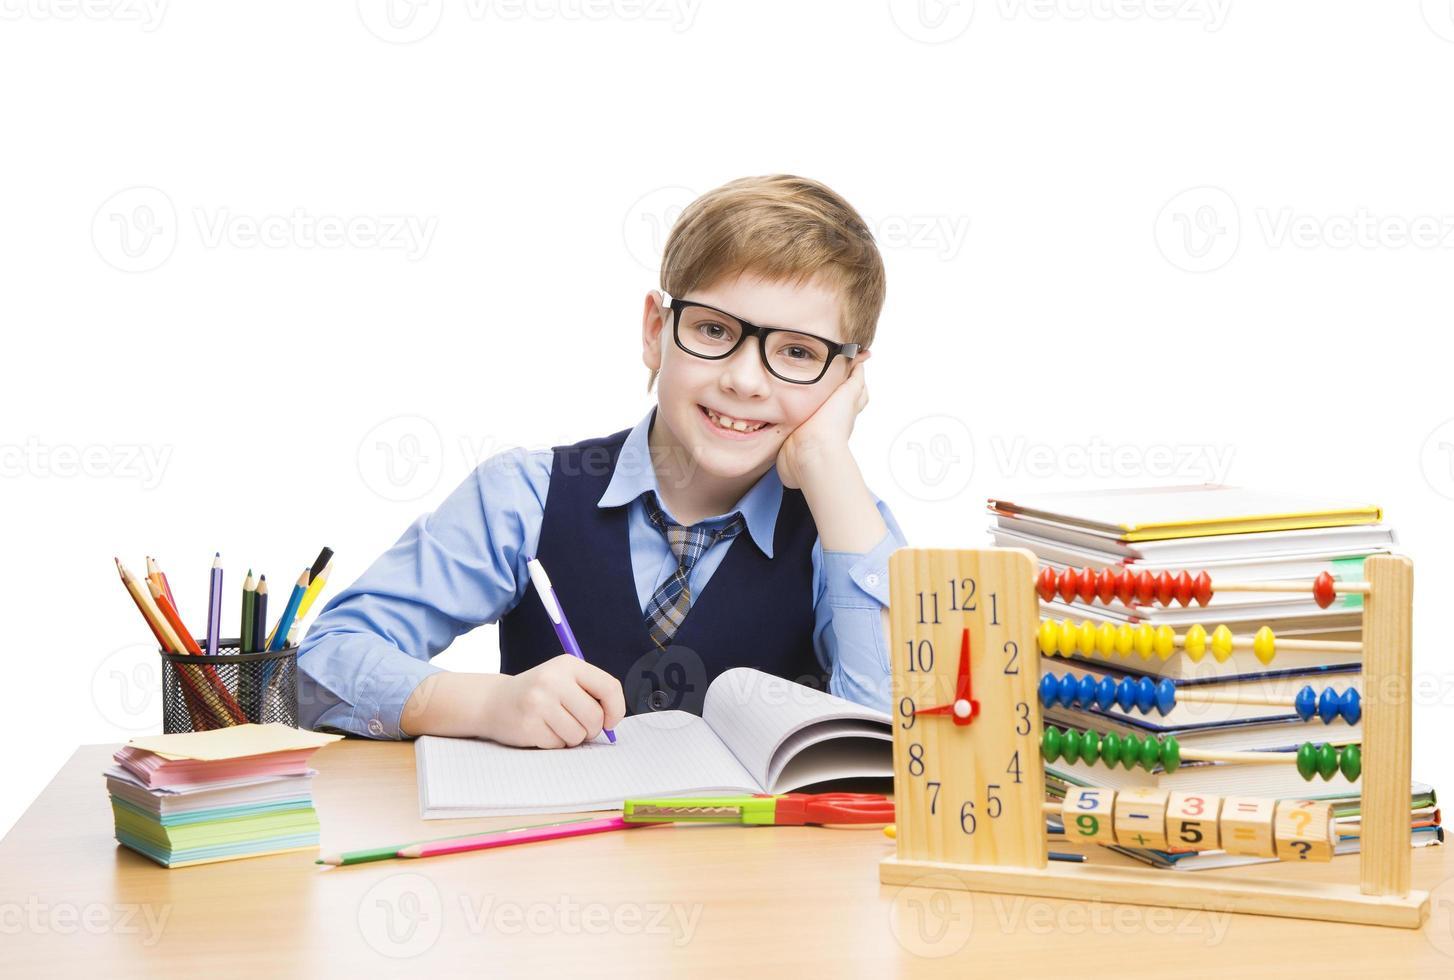 educação de alunos de crianças em idade escolar, aluno de óculos aprender a lição foto